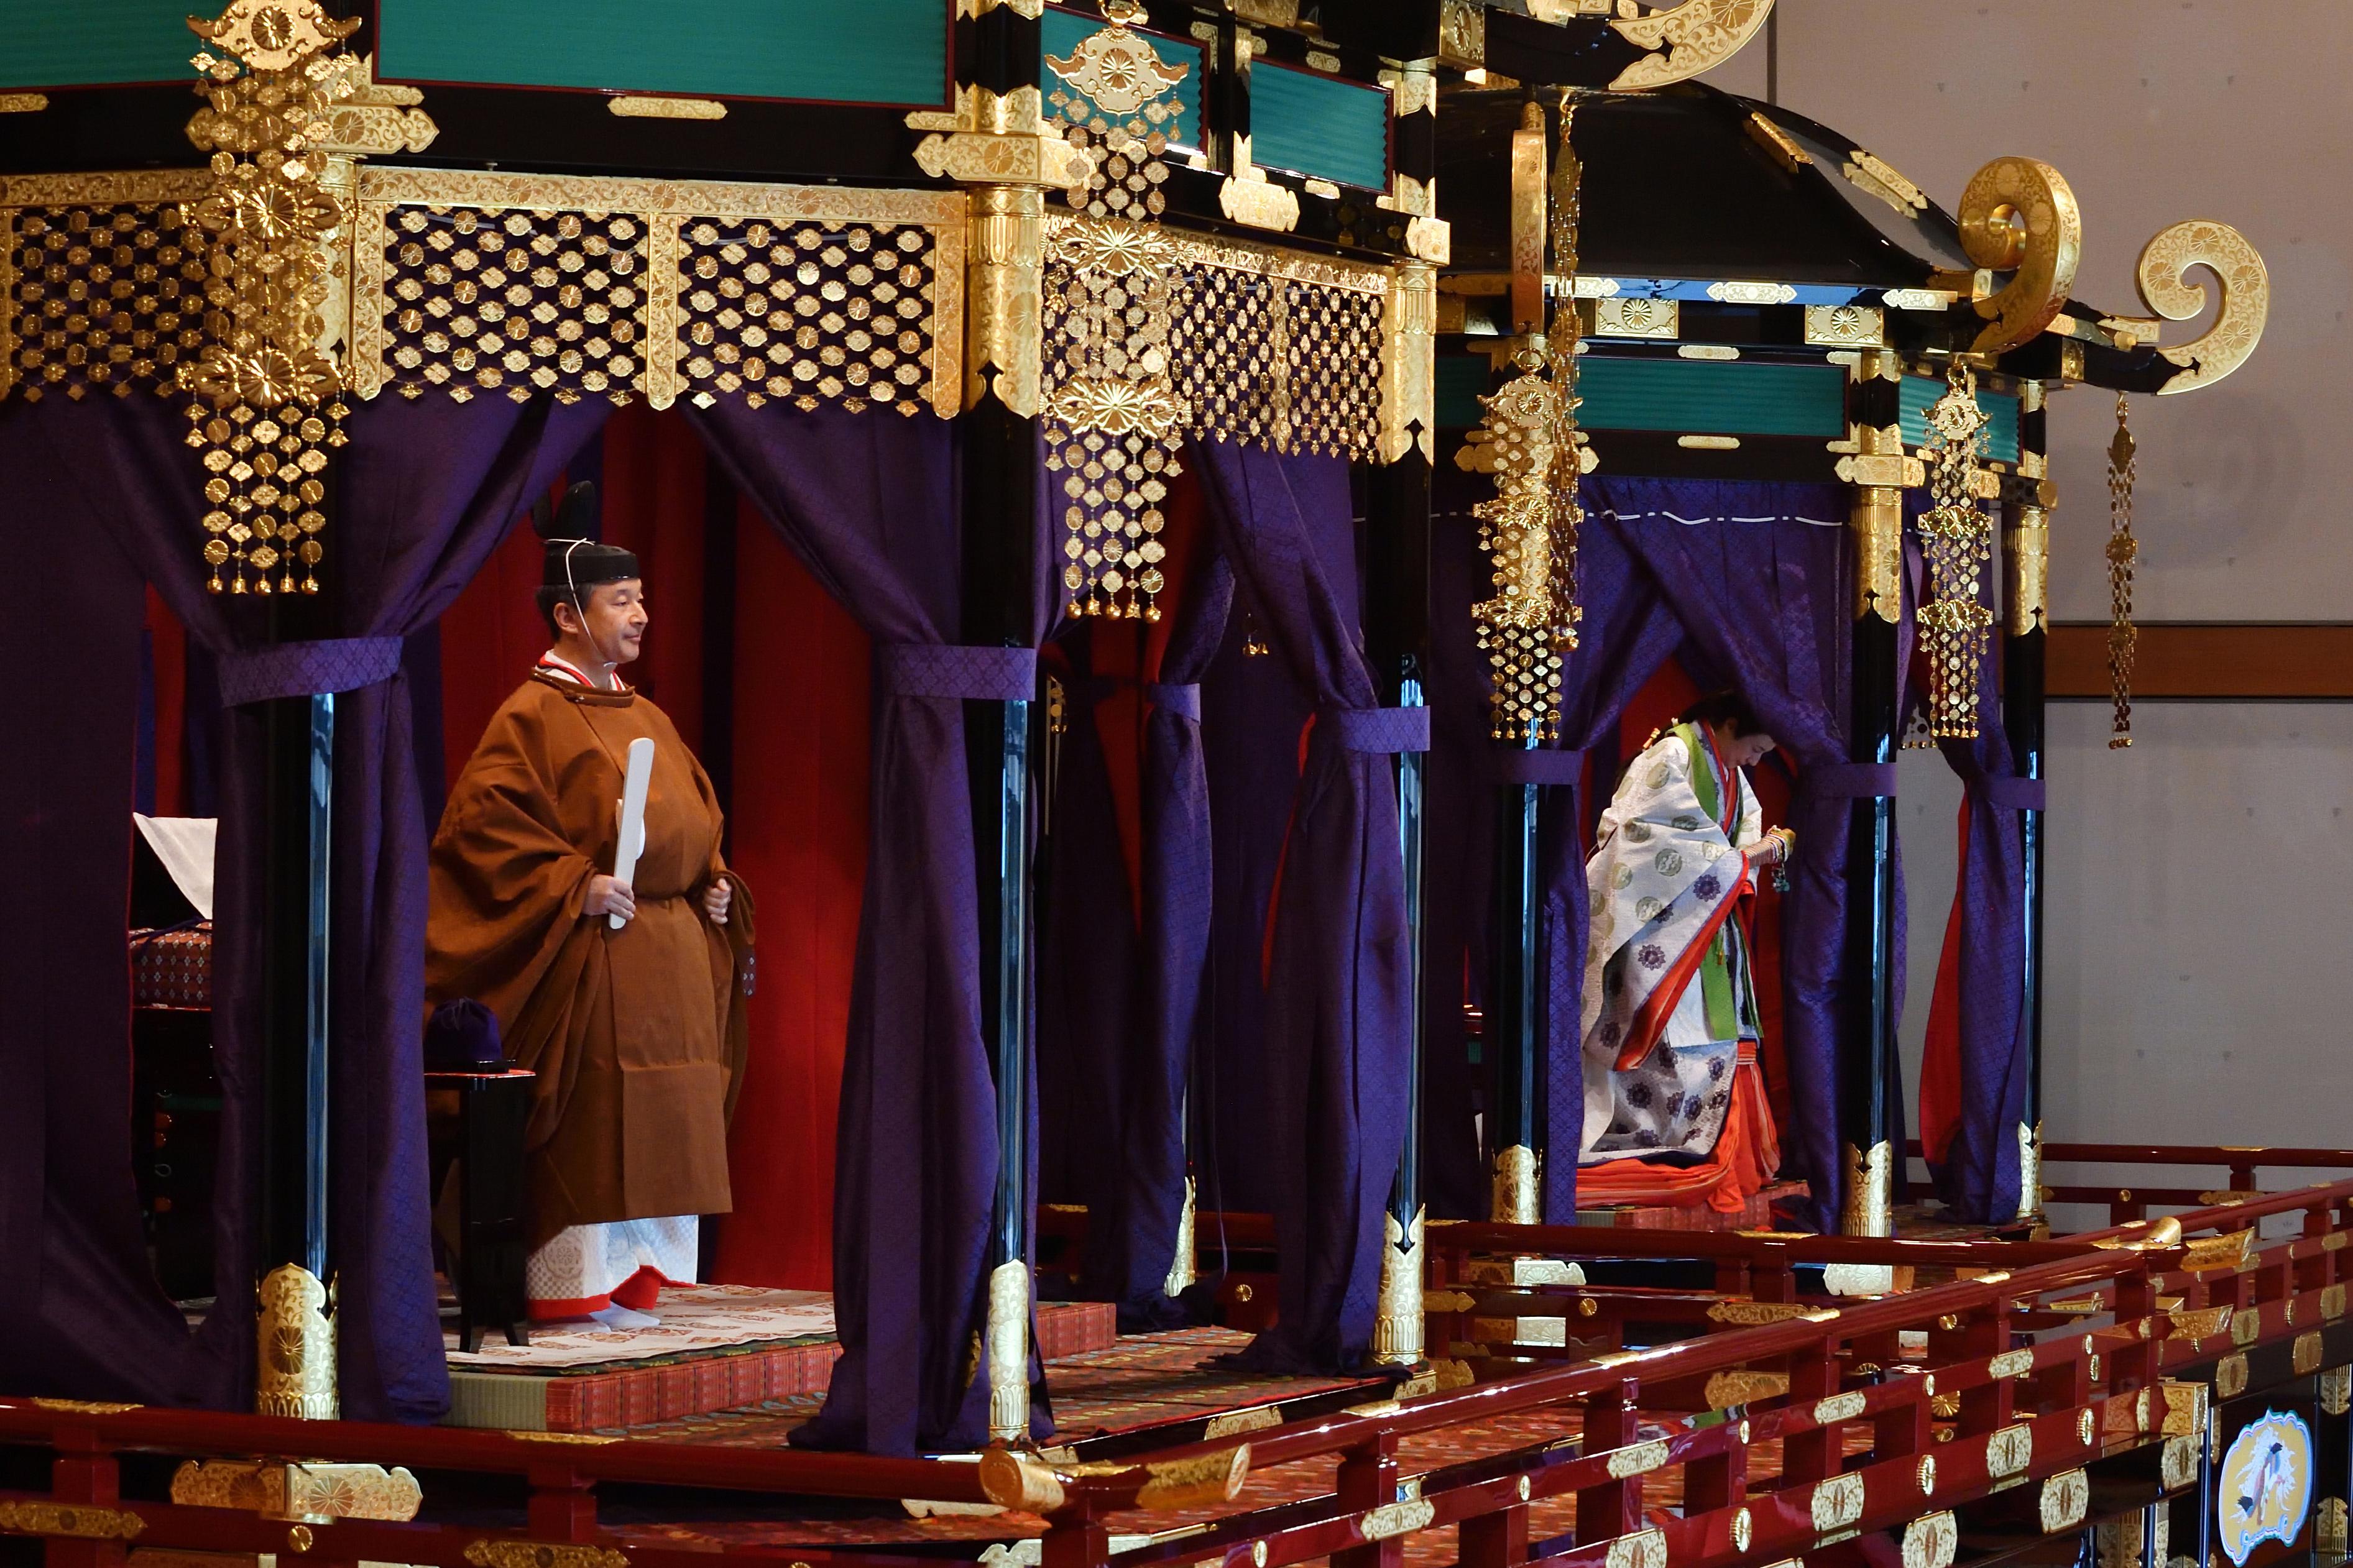 El emperador Naruhito (izquierda) y la emperatriz Masako (derecha) asisten a la ceremonia de entronización en el Palacio Imperial de Tokio, Japón (AFP)